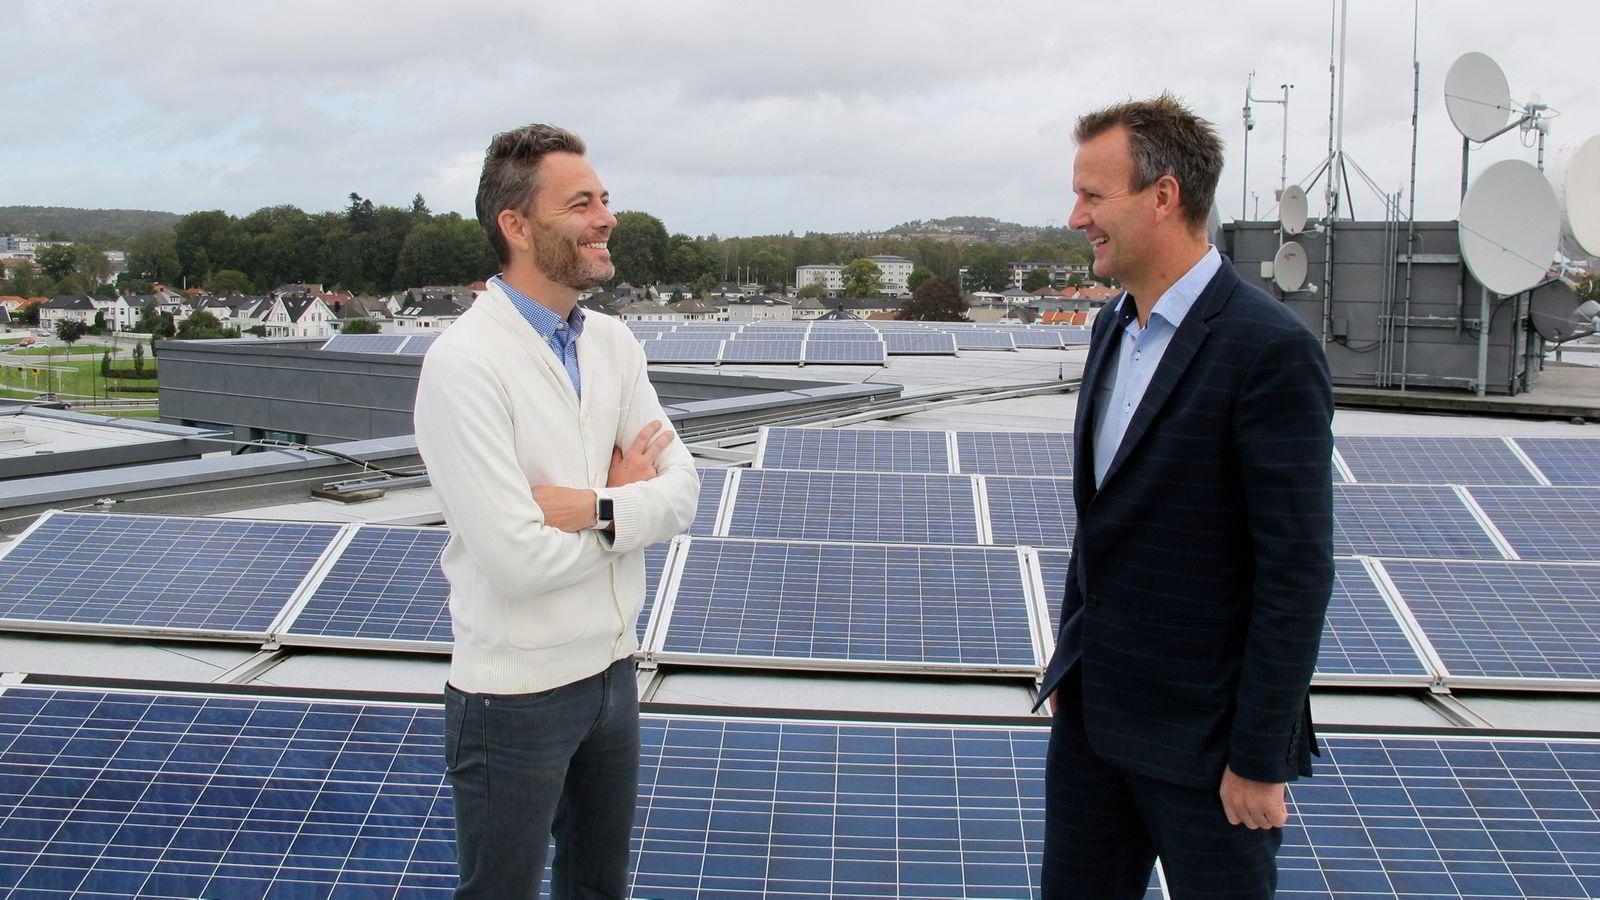 Andreas Thorsheim i solcelleselskapet Otovo går i kompaniskap med Anders Gaudestad i Agder Energi-eide Los og tilbyr 150.000 privatkunder installasjon av solcellepaneler.